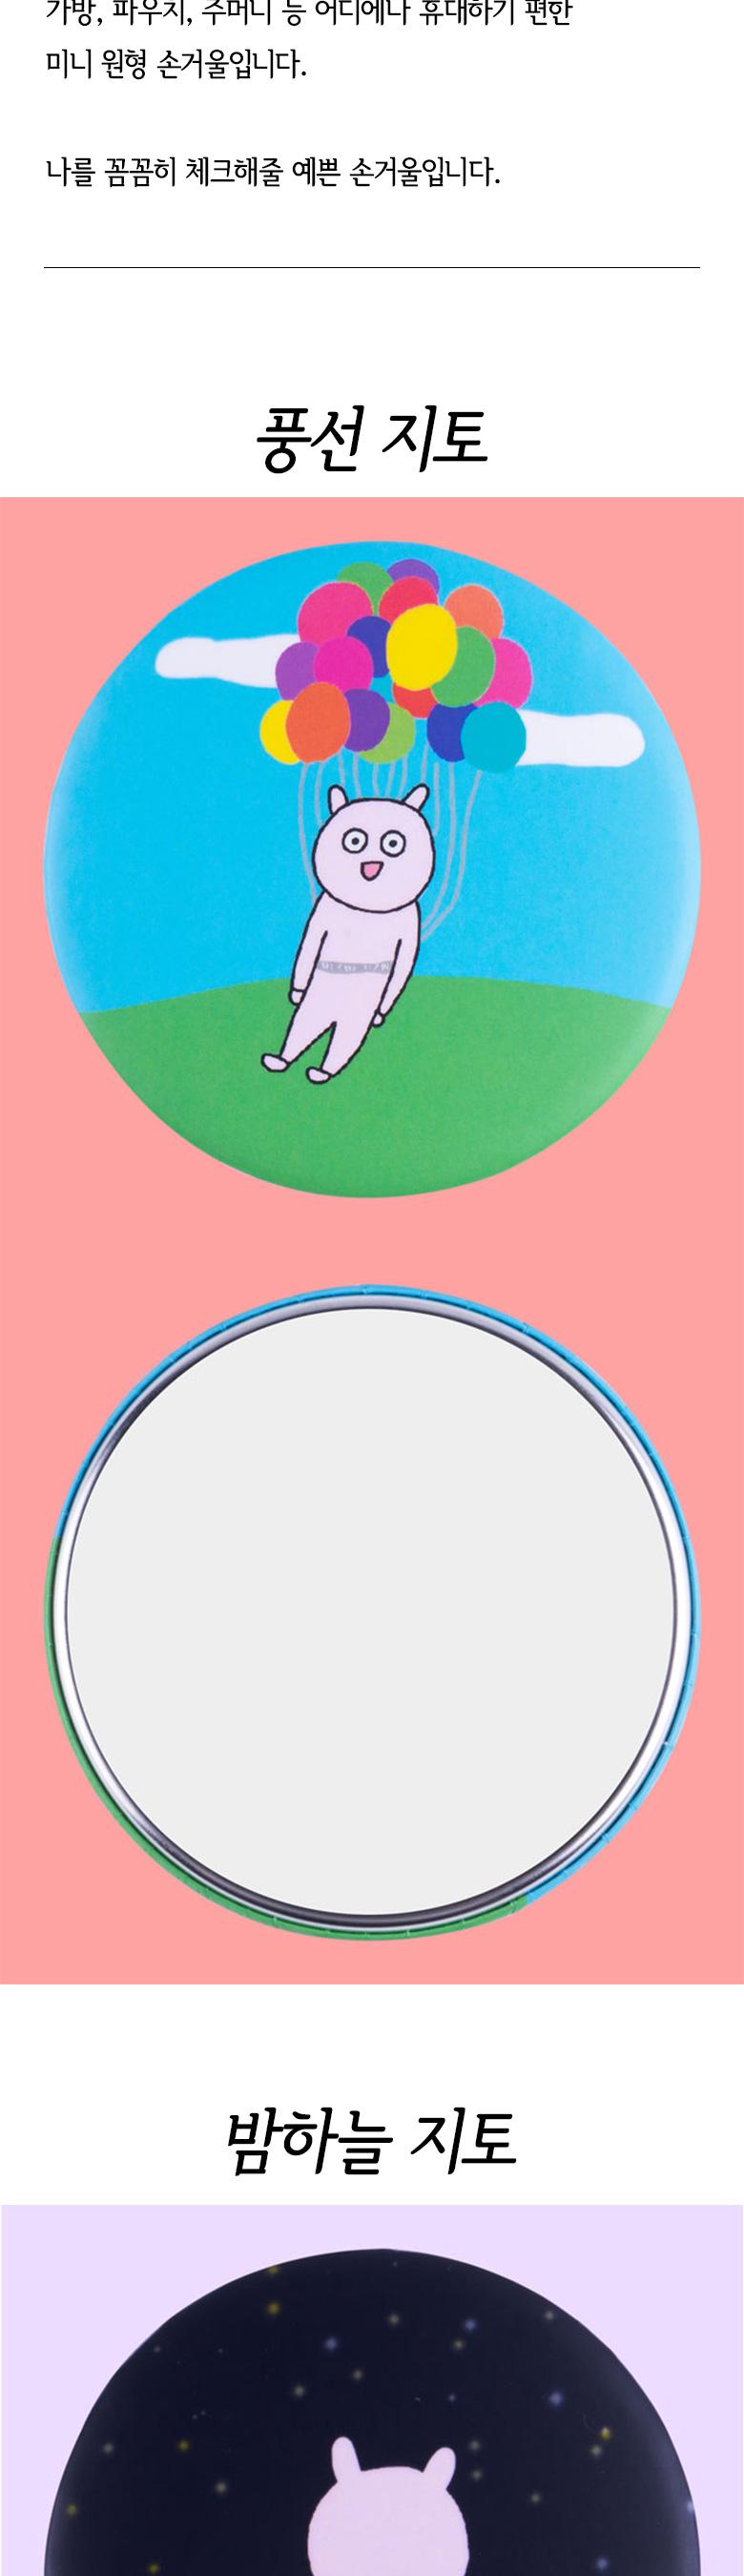 지토툰 캐릭터 일러스트 미니 원형 손거울 75mm - 뚜주르누보, 3,040원, 도구, 거울